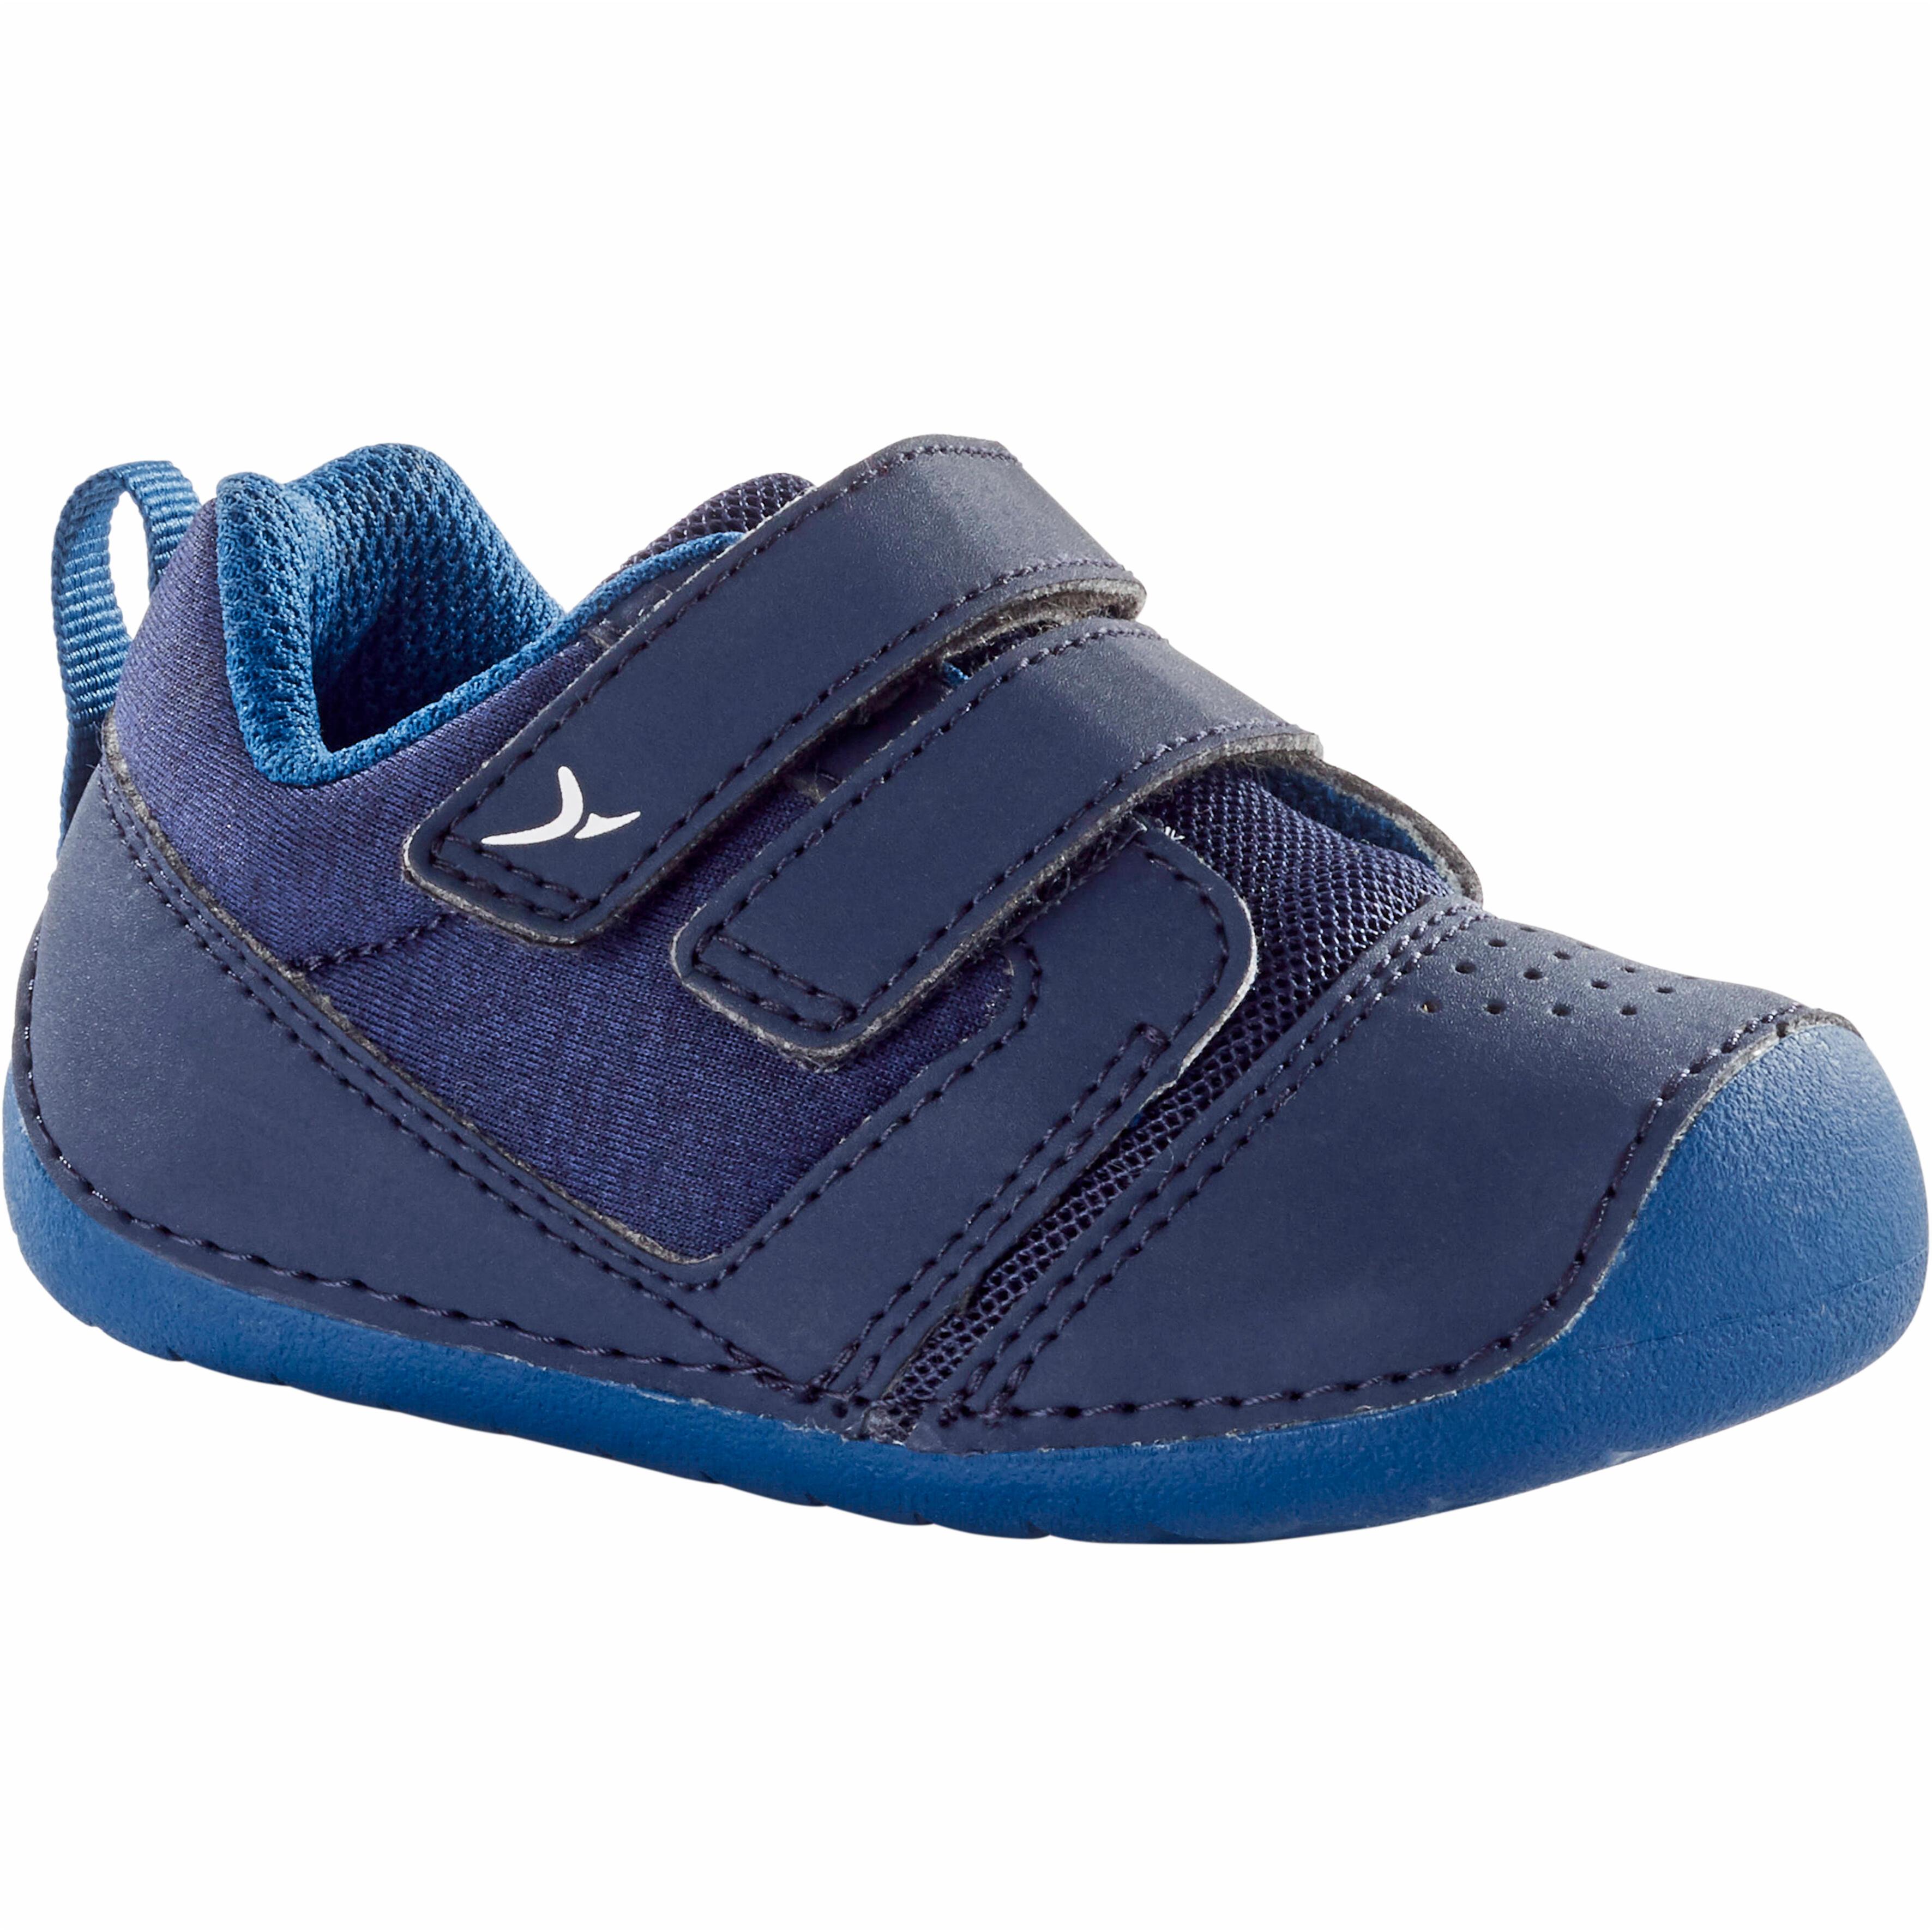 best website 1a7b8 3208c Schuhe Baby | Große Auswahl für kleine Füße | DECATHLON